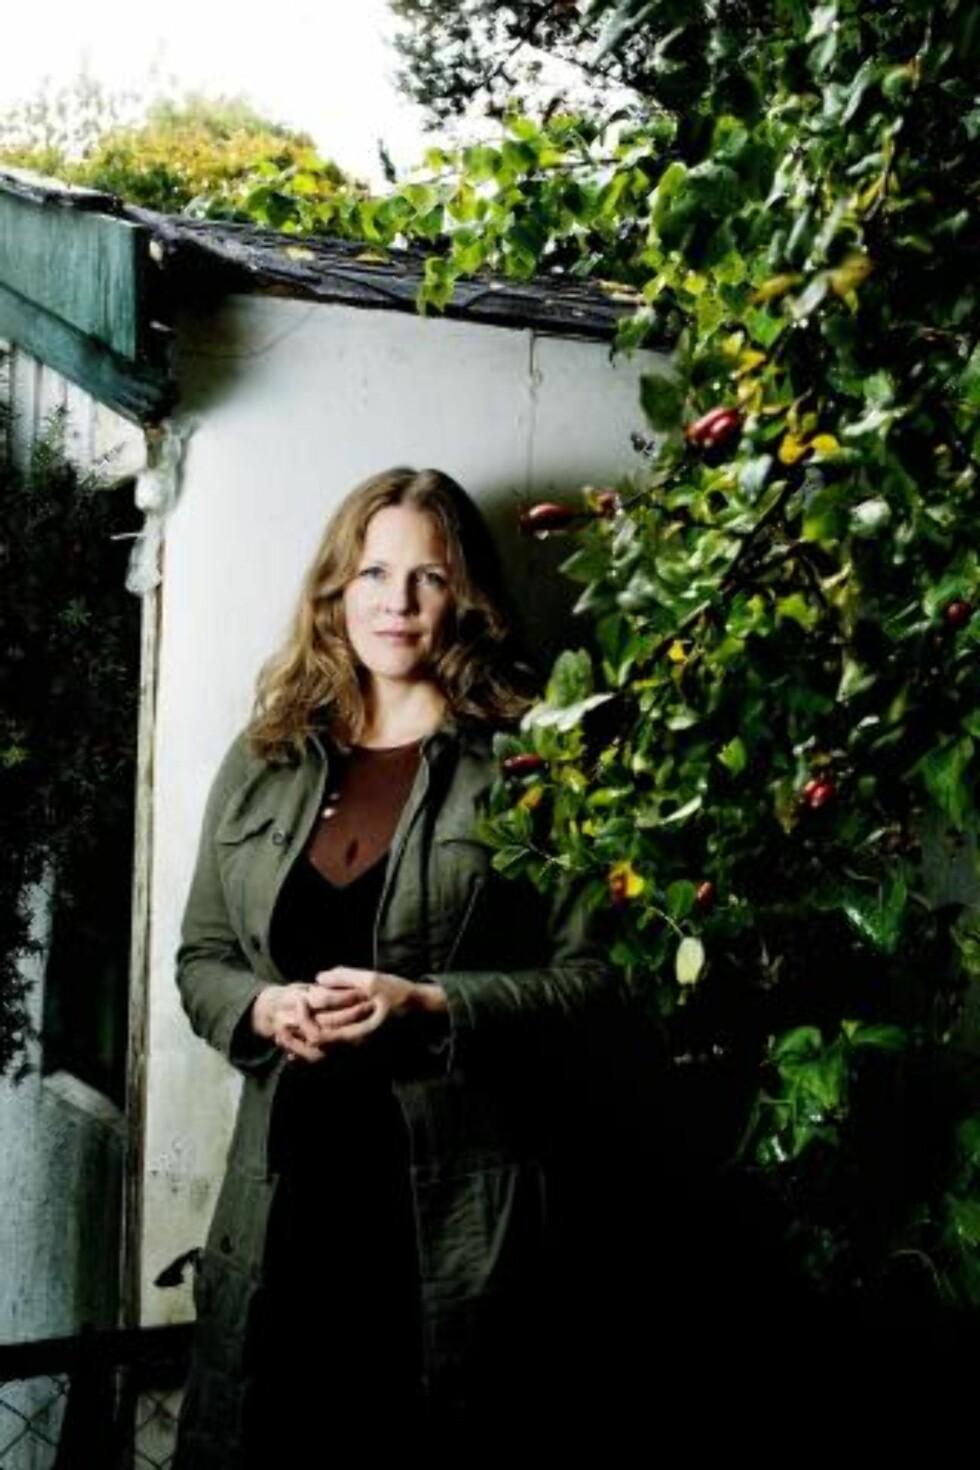 MÅ PUNGE UT: Forfatter Åsne Seierstad er i Oslo Tingrett dømt til å betale 125 000 kroner i oppreisning til bokhandlerens kone, Suraia Rais. Foto: Siv Seglem.